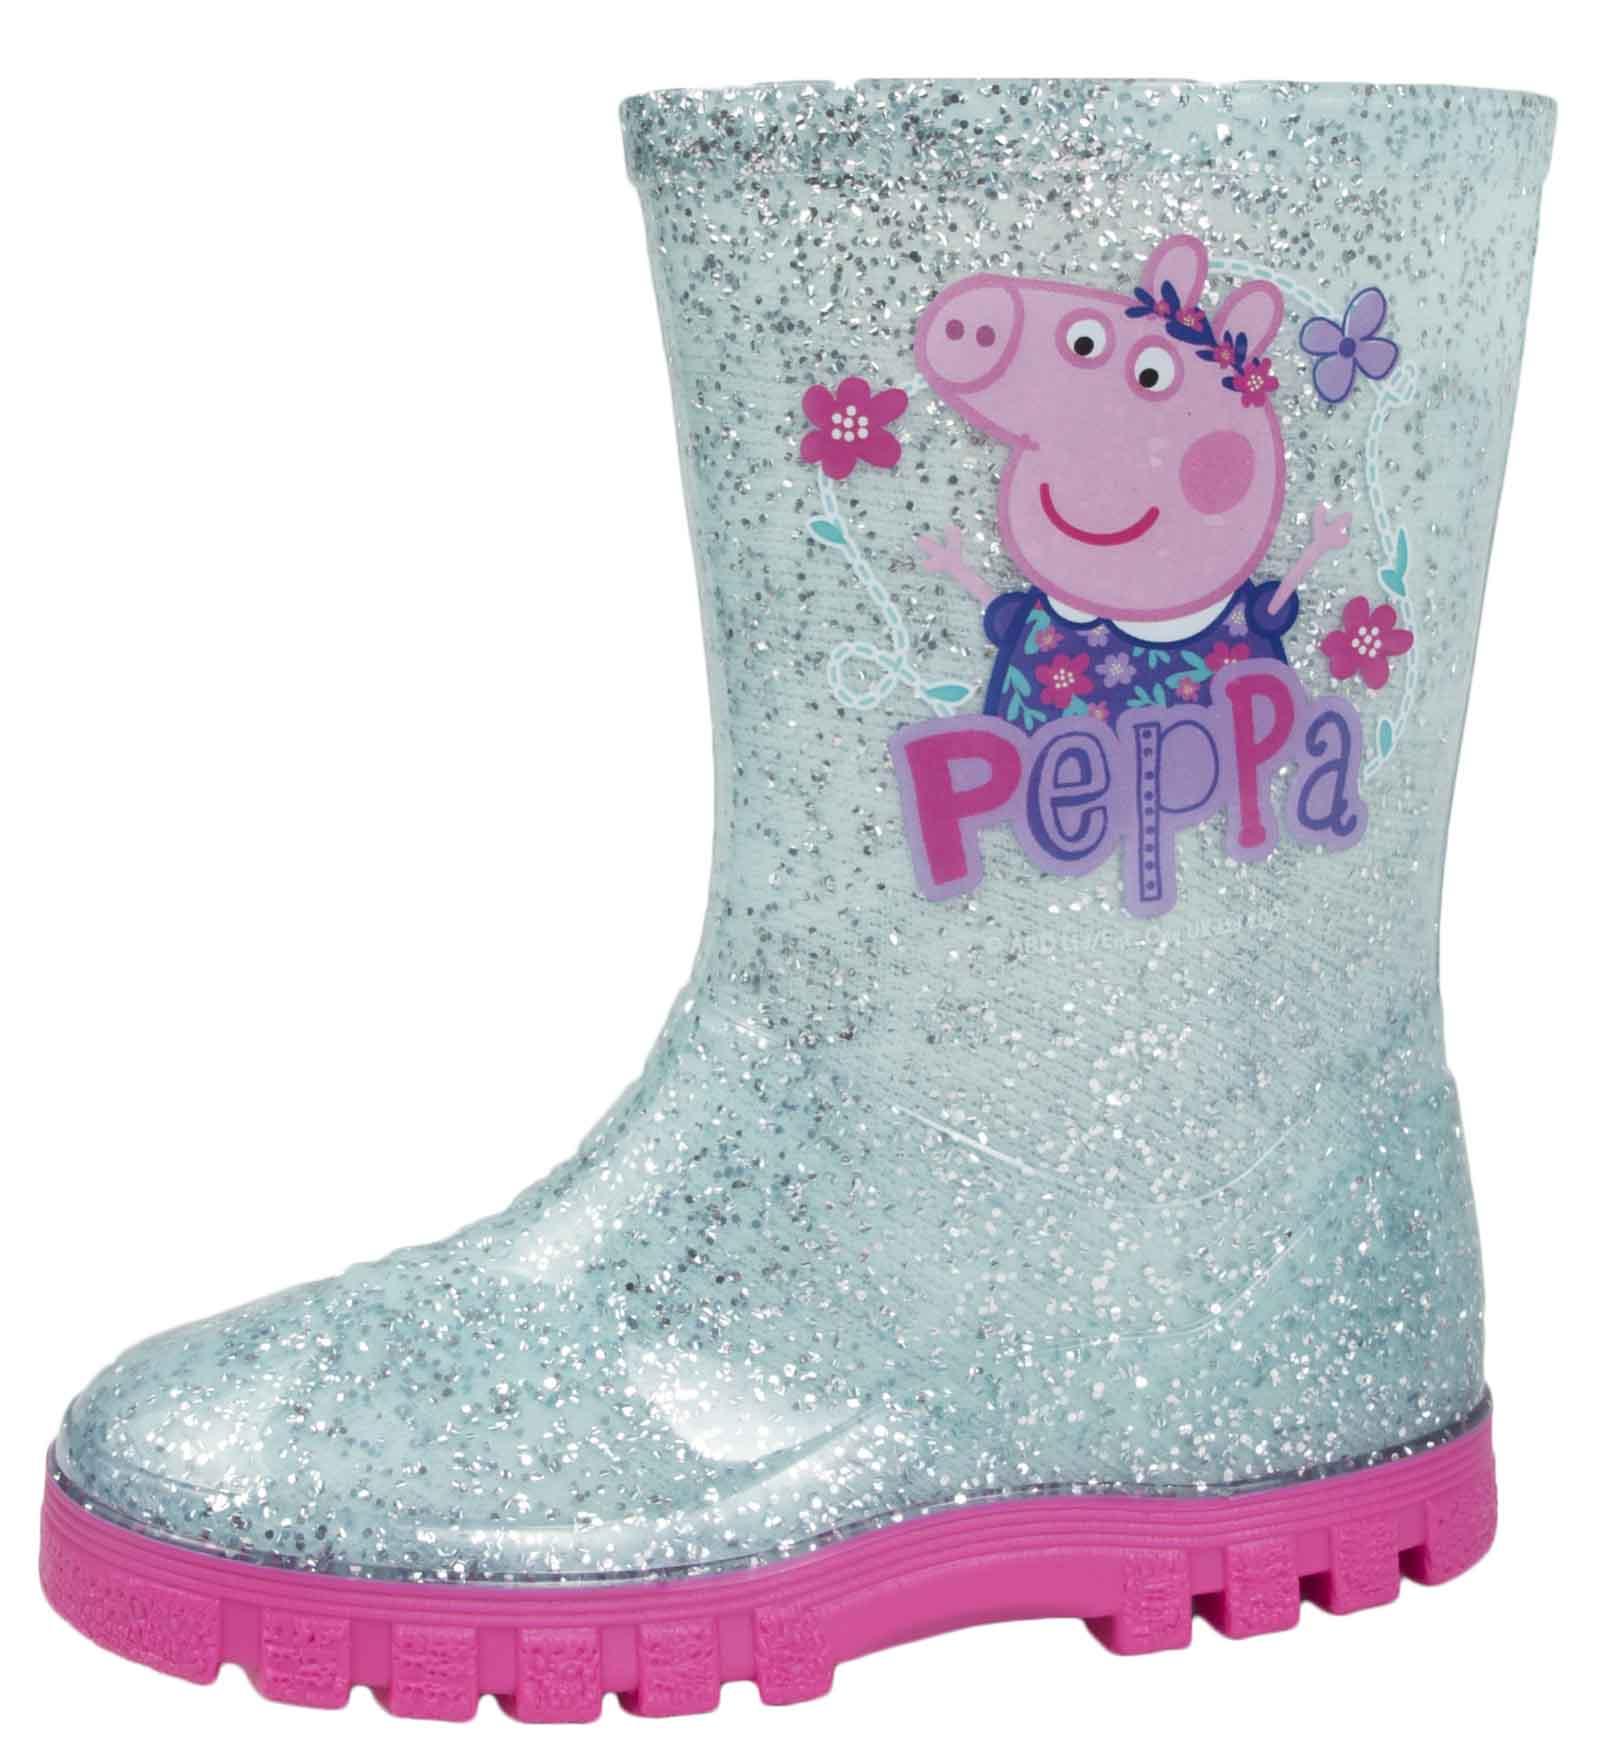 Girls-Peppa-Pig-Wellington-Boots-Mid-Calf-Gitter-Snow-Rain-Wellies-Kids-Size Indexbild 7